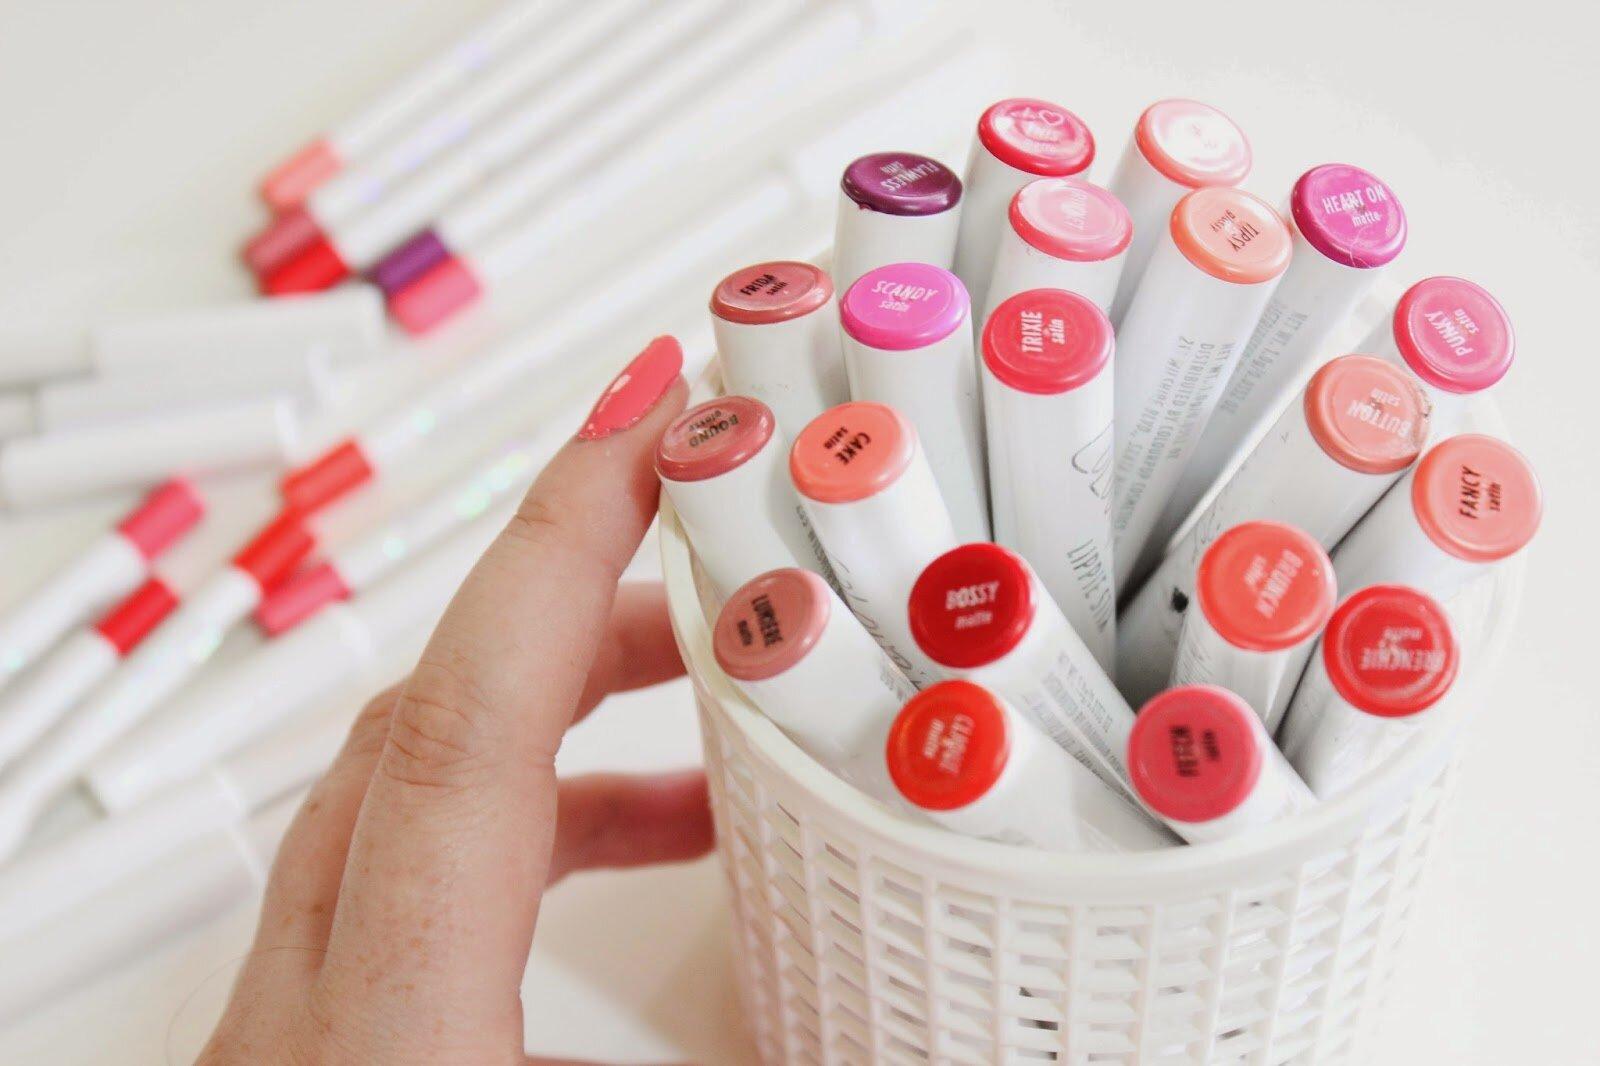 Review Colour Pop Lippie Stix – cây son giá rẻ cô gái nào cũng nên có